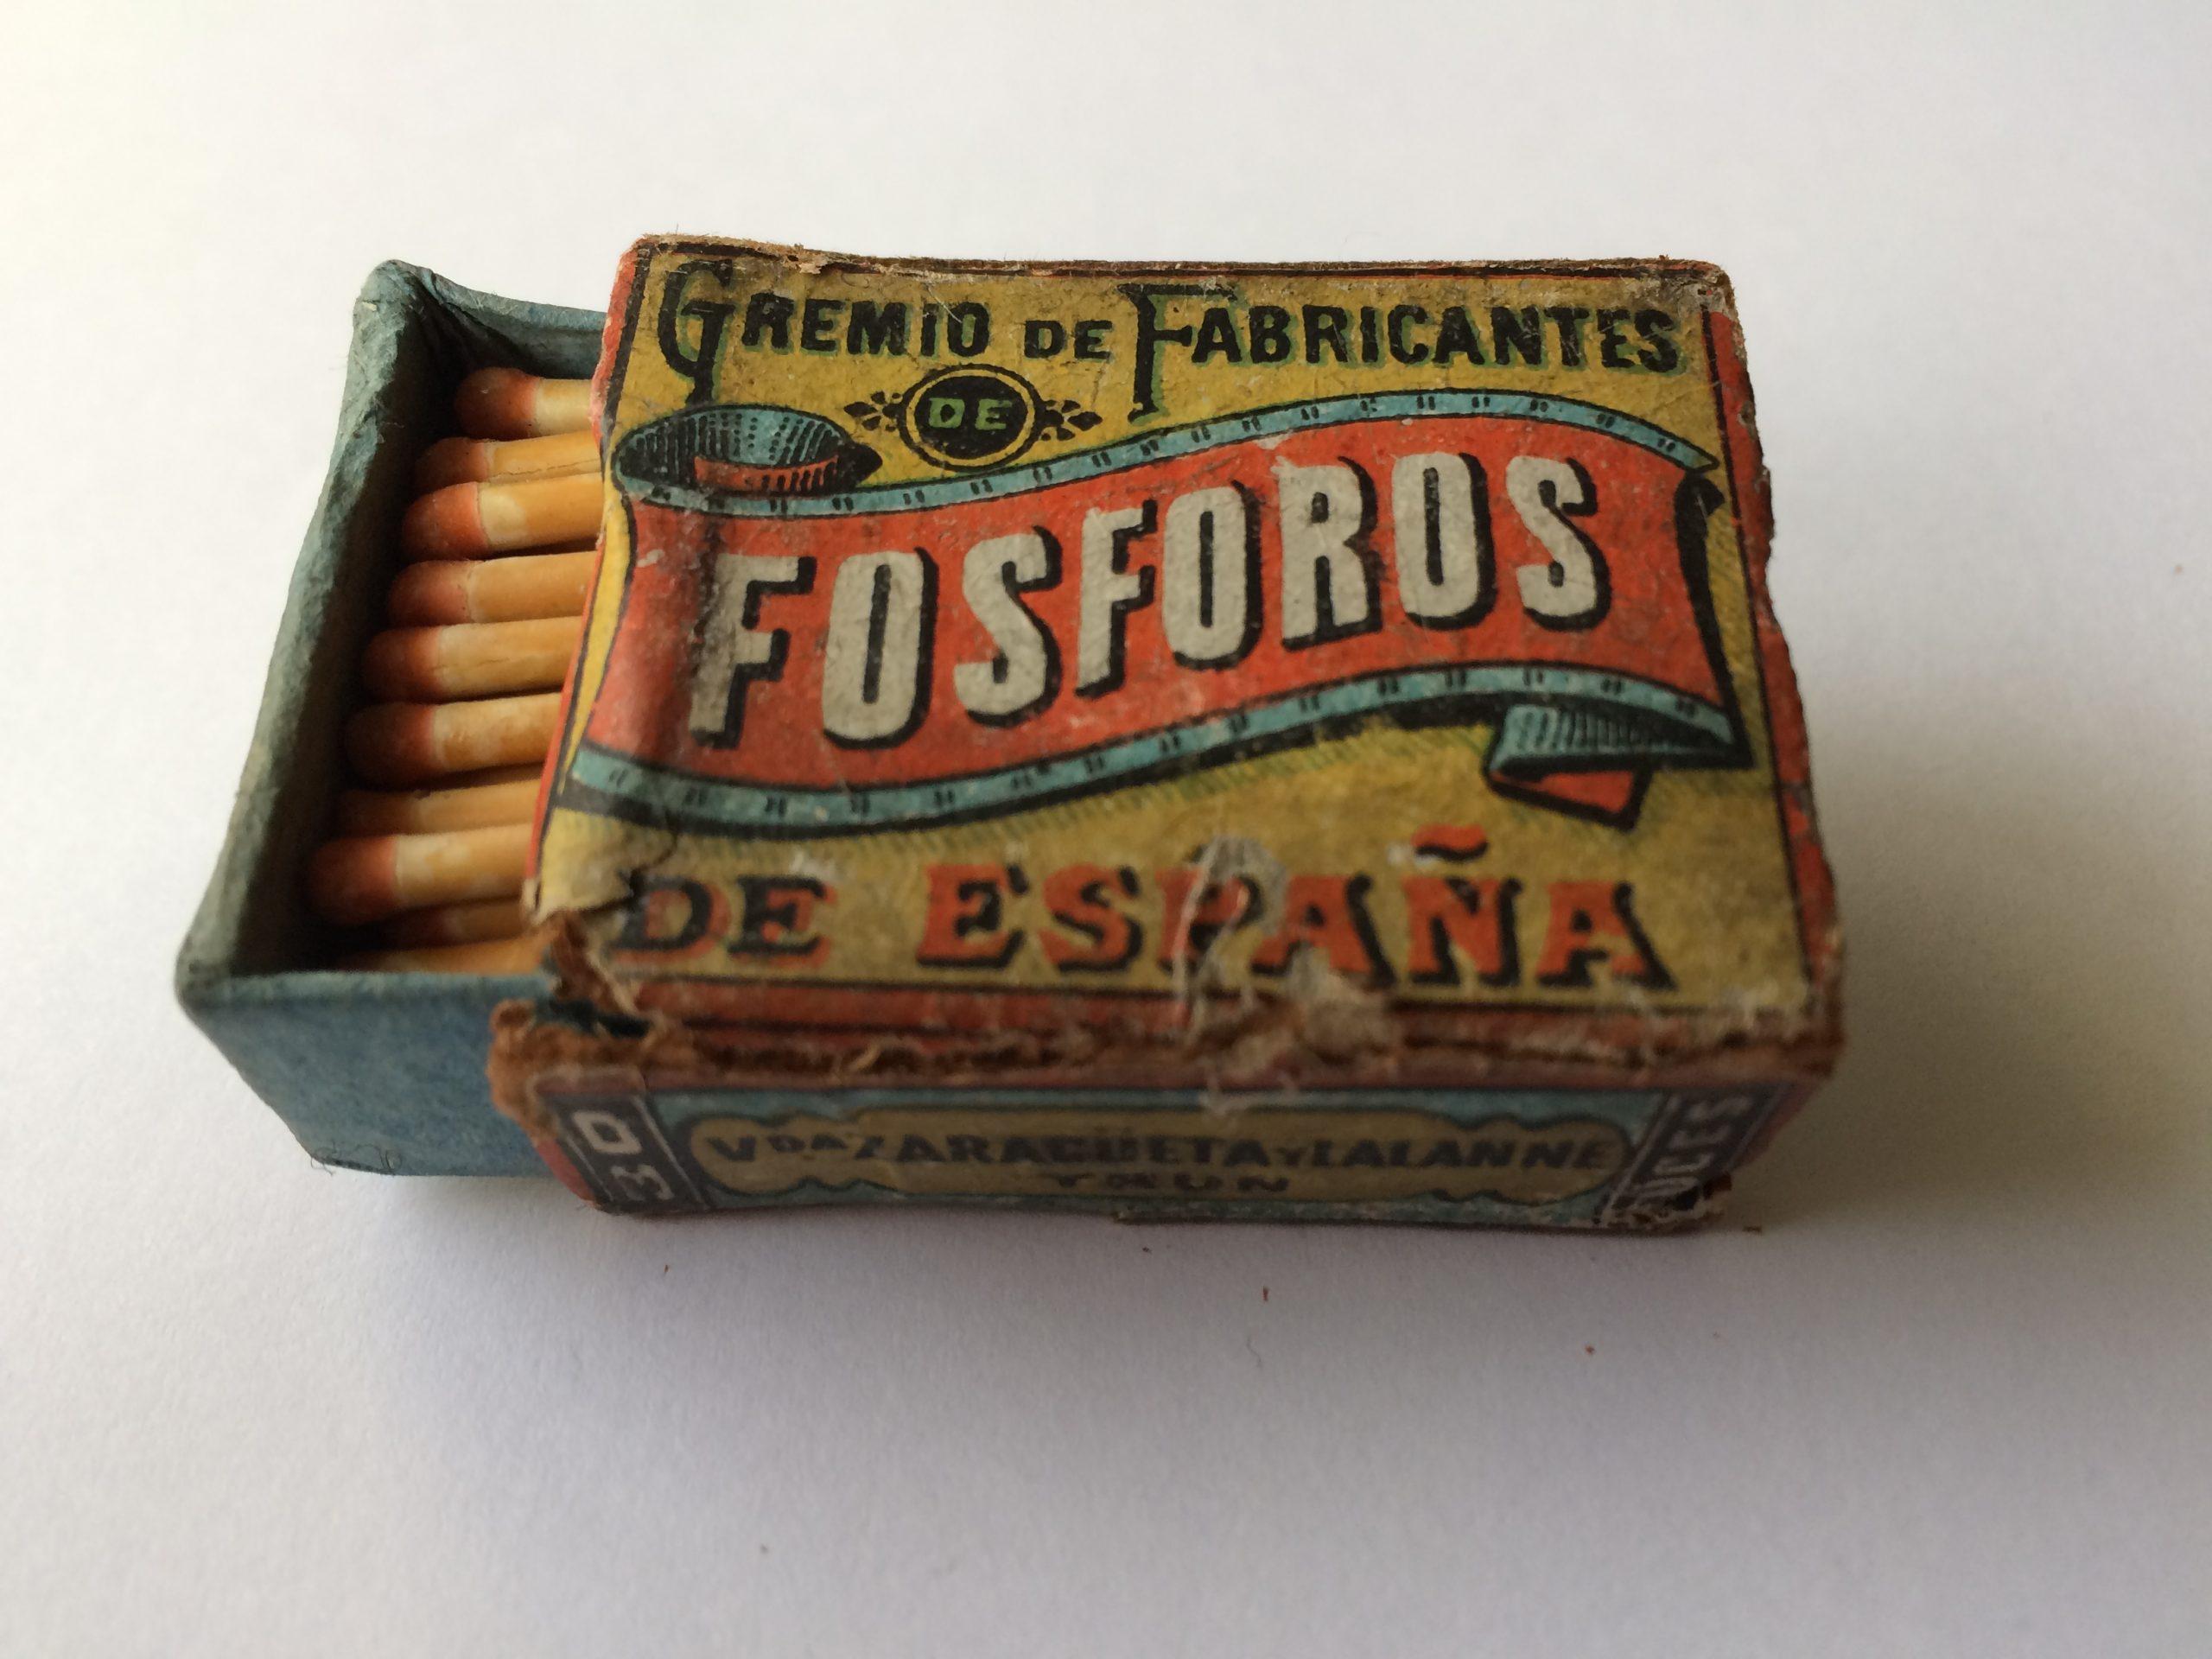 Gremio box, ca. 1895